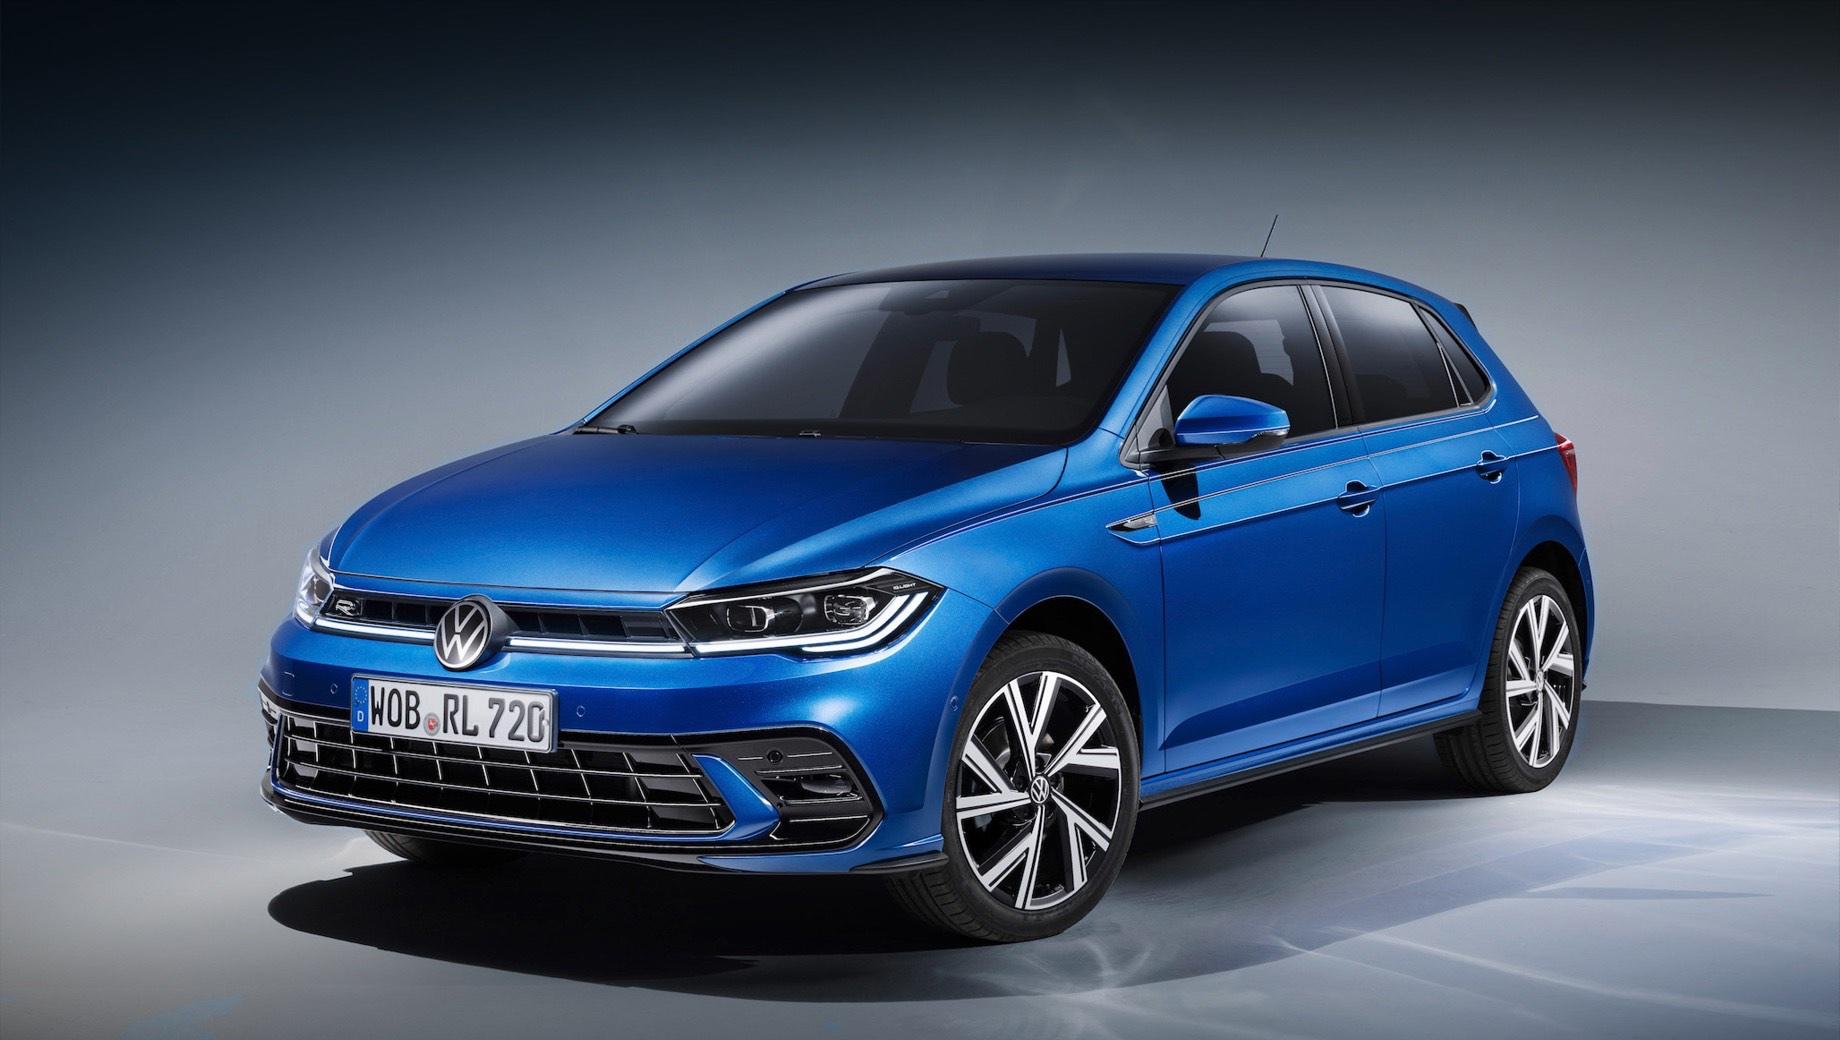 Volkswagen polo. По умолчанию все пятидверки Volkswagen Polo комплектуются светодиодными фарами и фонарями, а за доплату можно установить матричную головную оптику. К слову, диодная полоса, соединяющая фары, тоже входит в список базового оснащения.